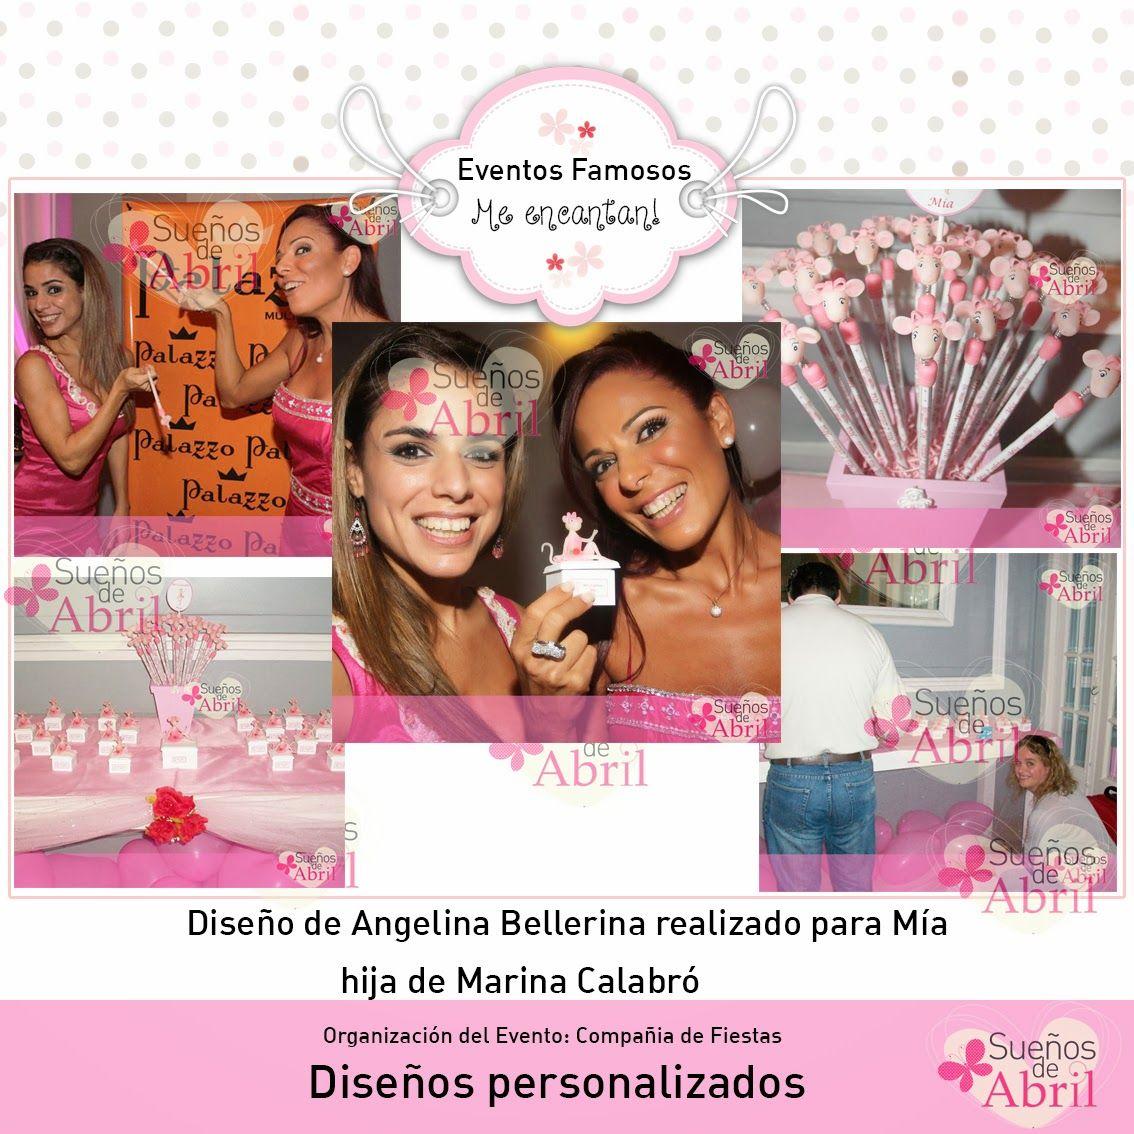 souvenirs para los 2 años de Mía hija de Marina Calabró!